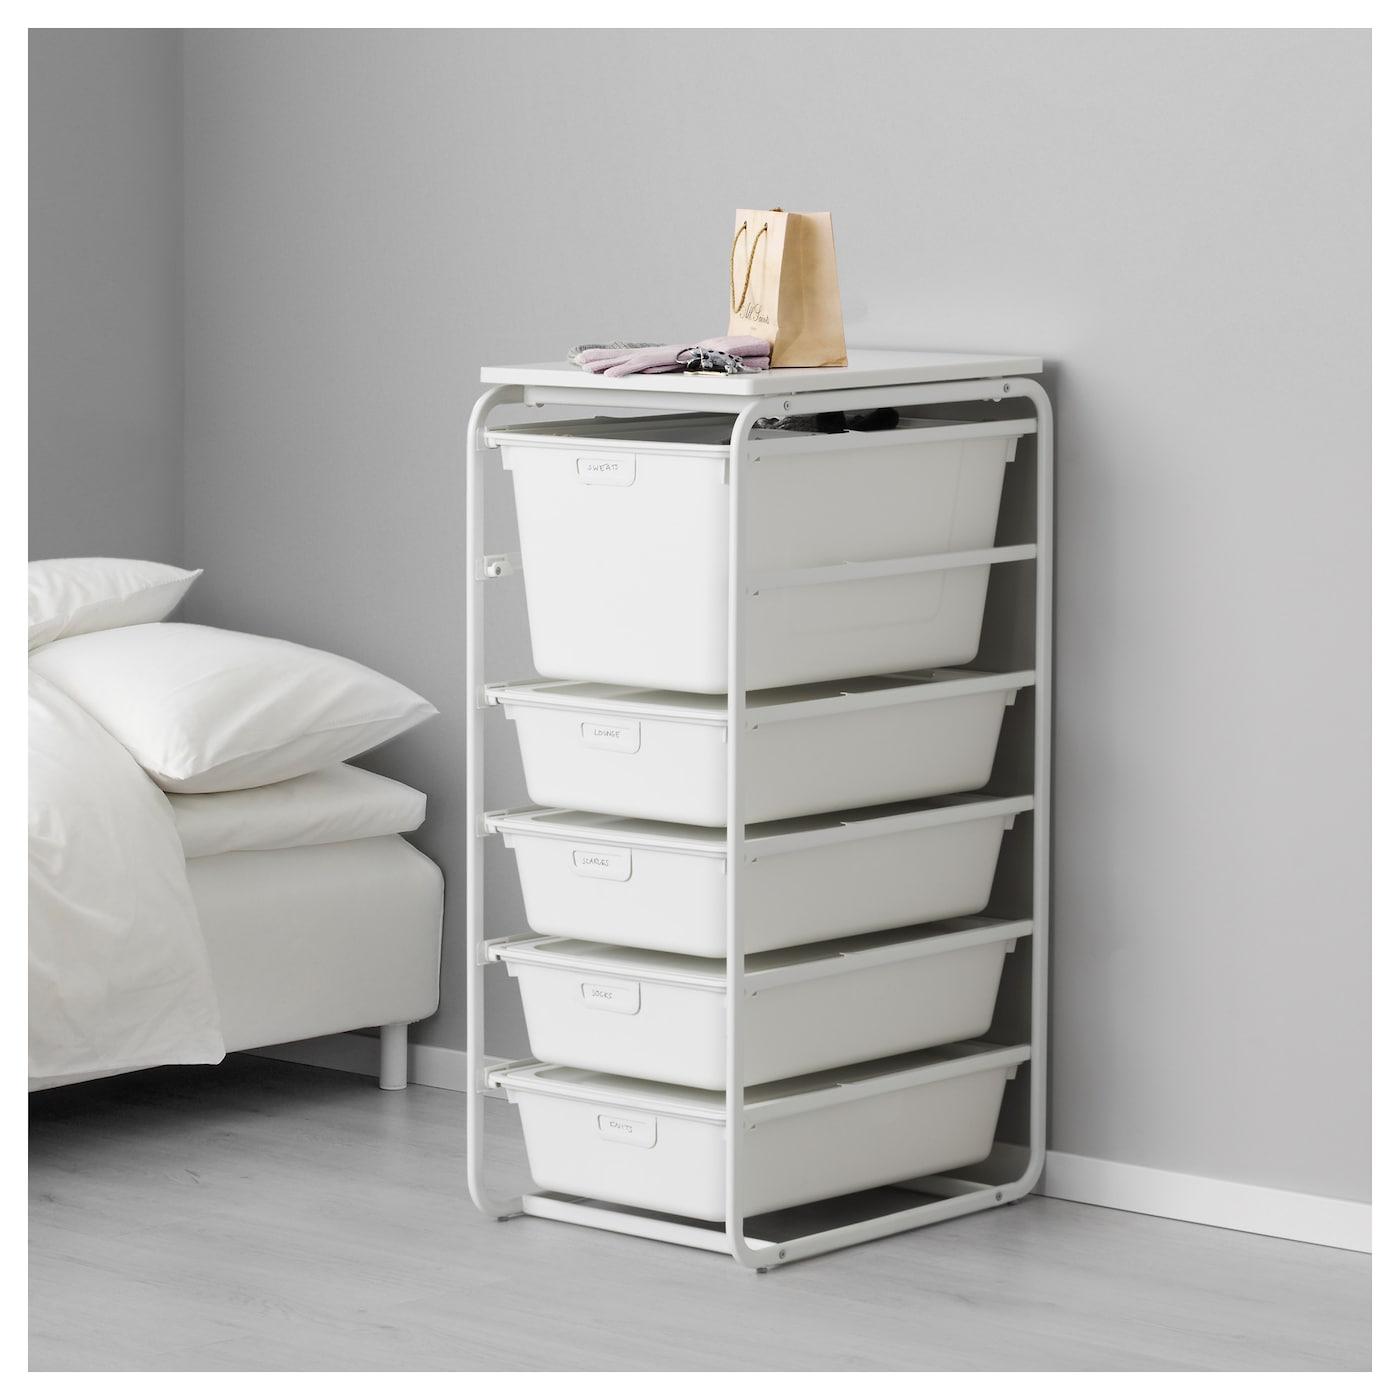 ALGOT, Rahmen/5 Boxen/Deckplatte, weiß | Ikea - Tipps vom Einrichter